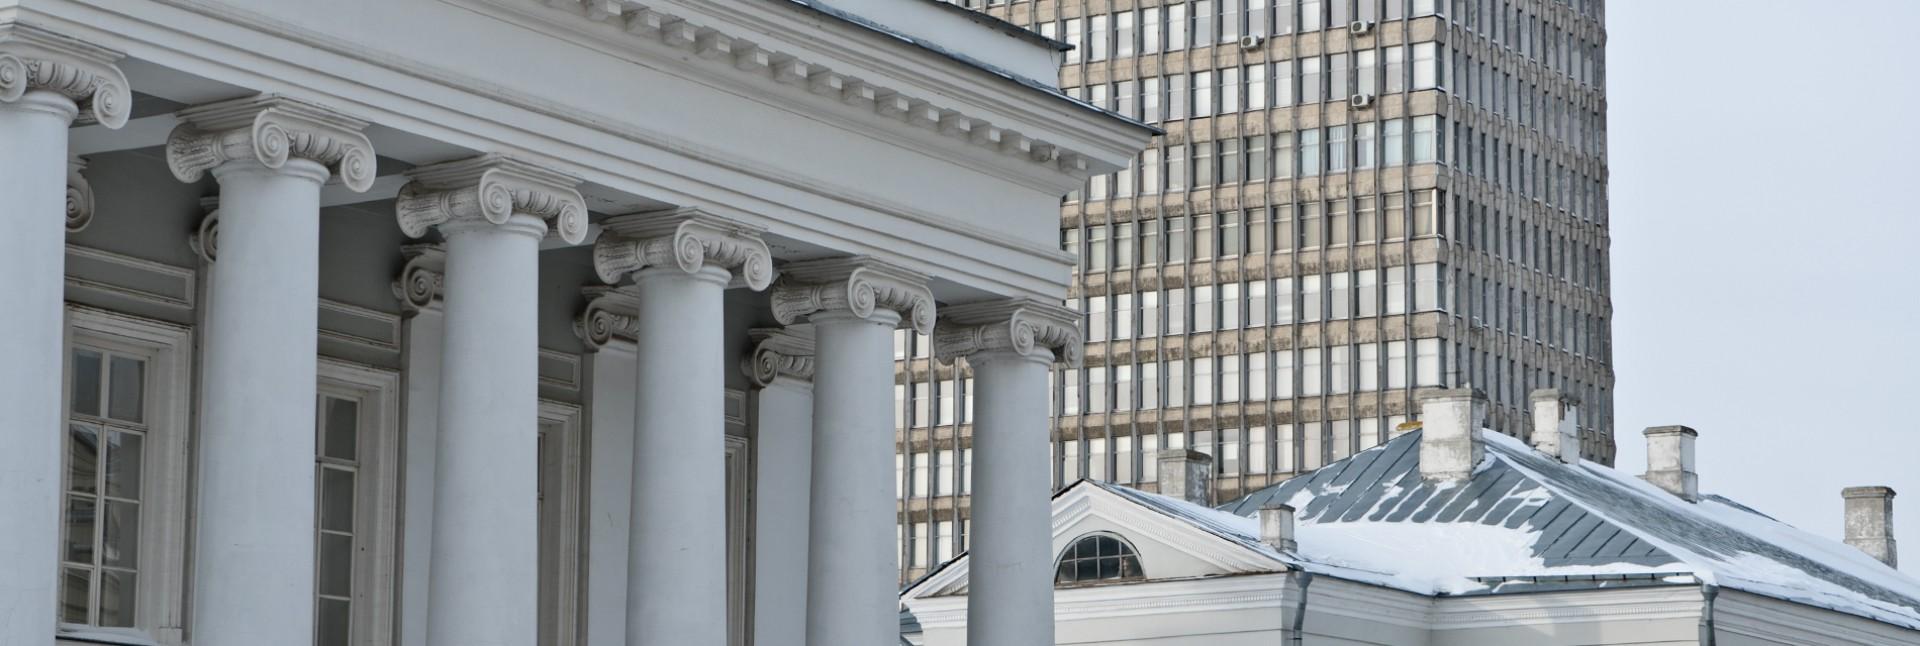 Дни открытых дверей в Казанском федеральном университете